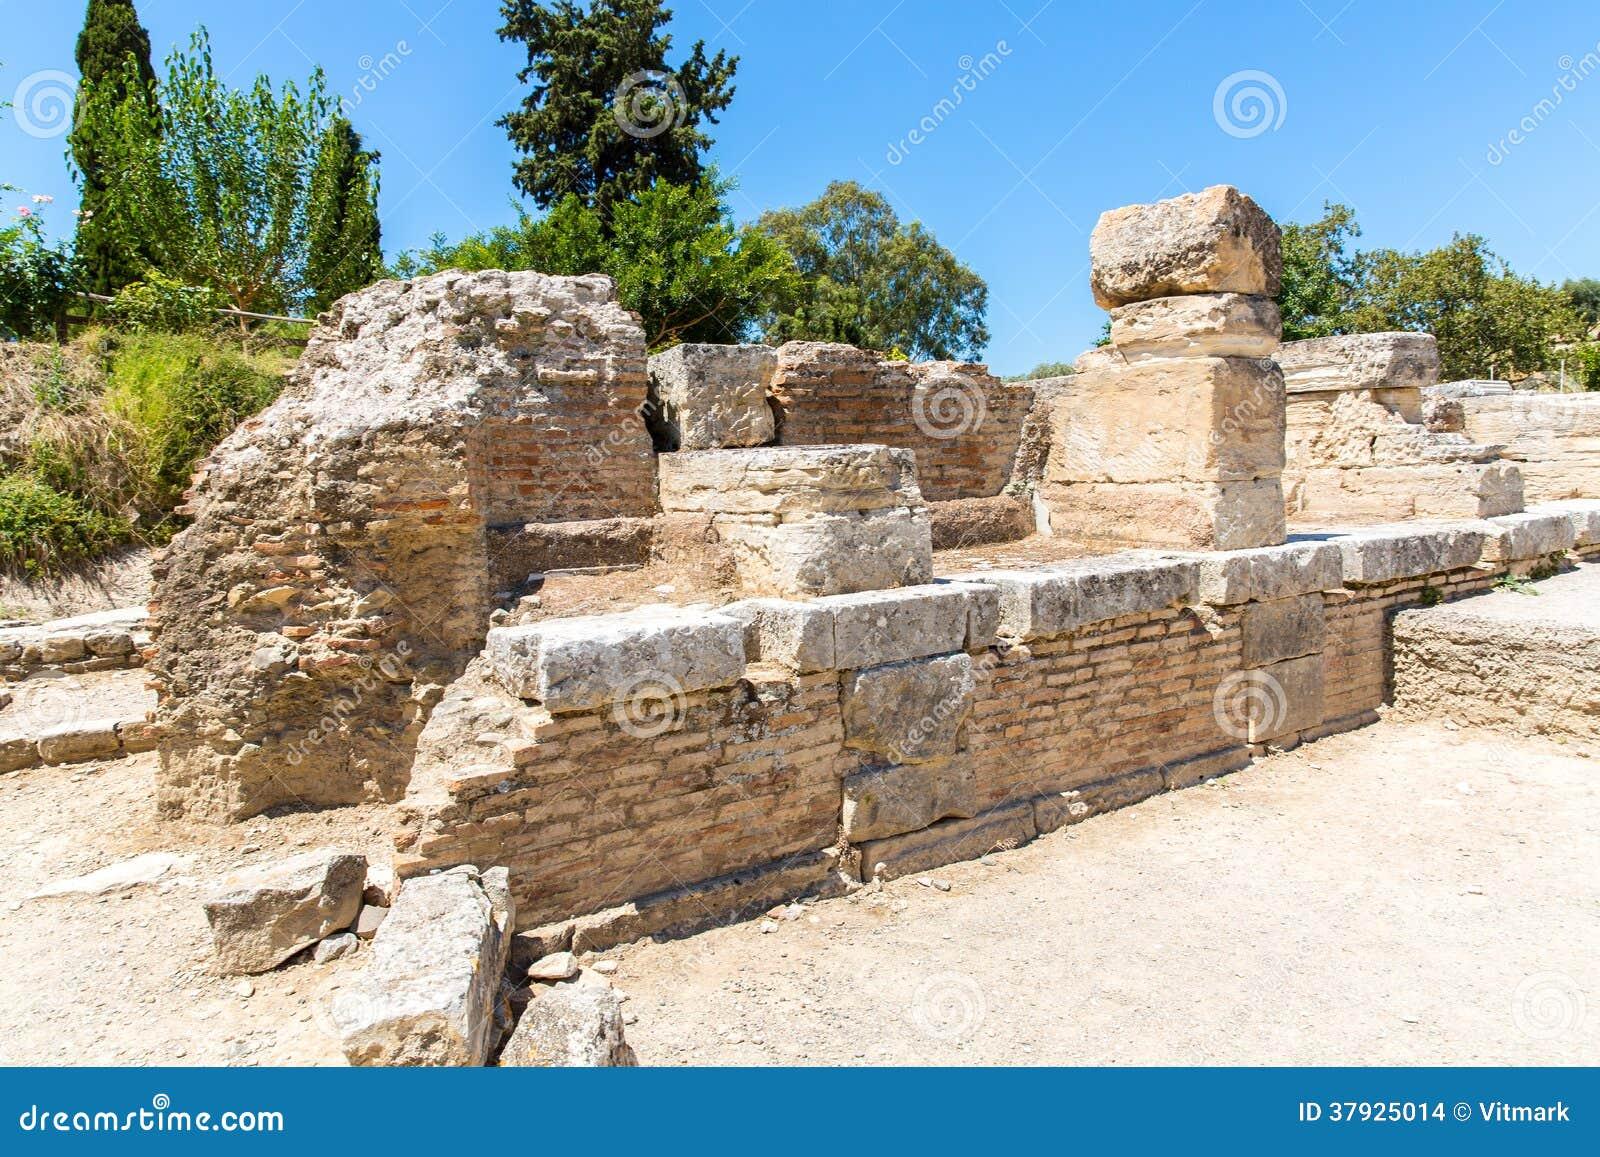 Монастырь (friary) в долине Messara на острове Крита в Греции.